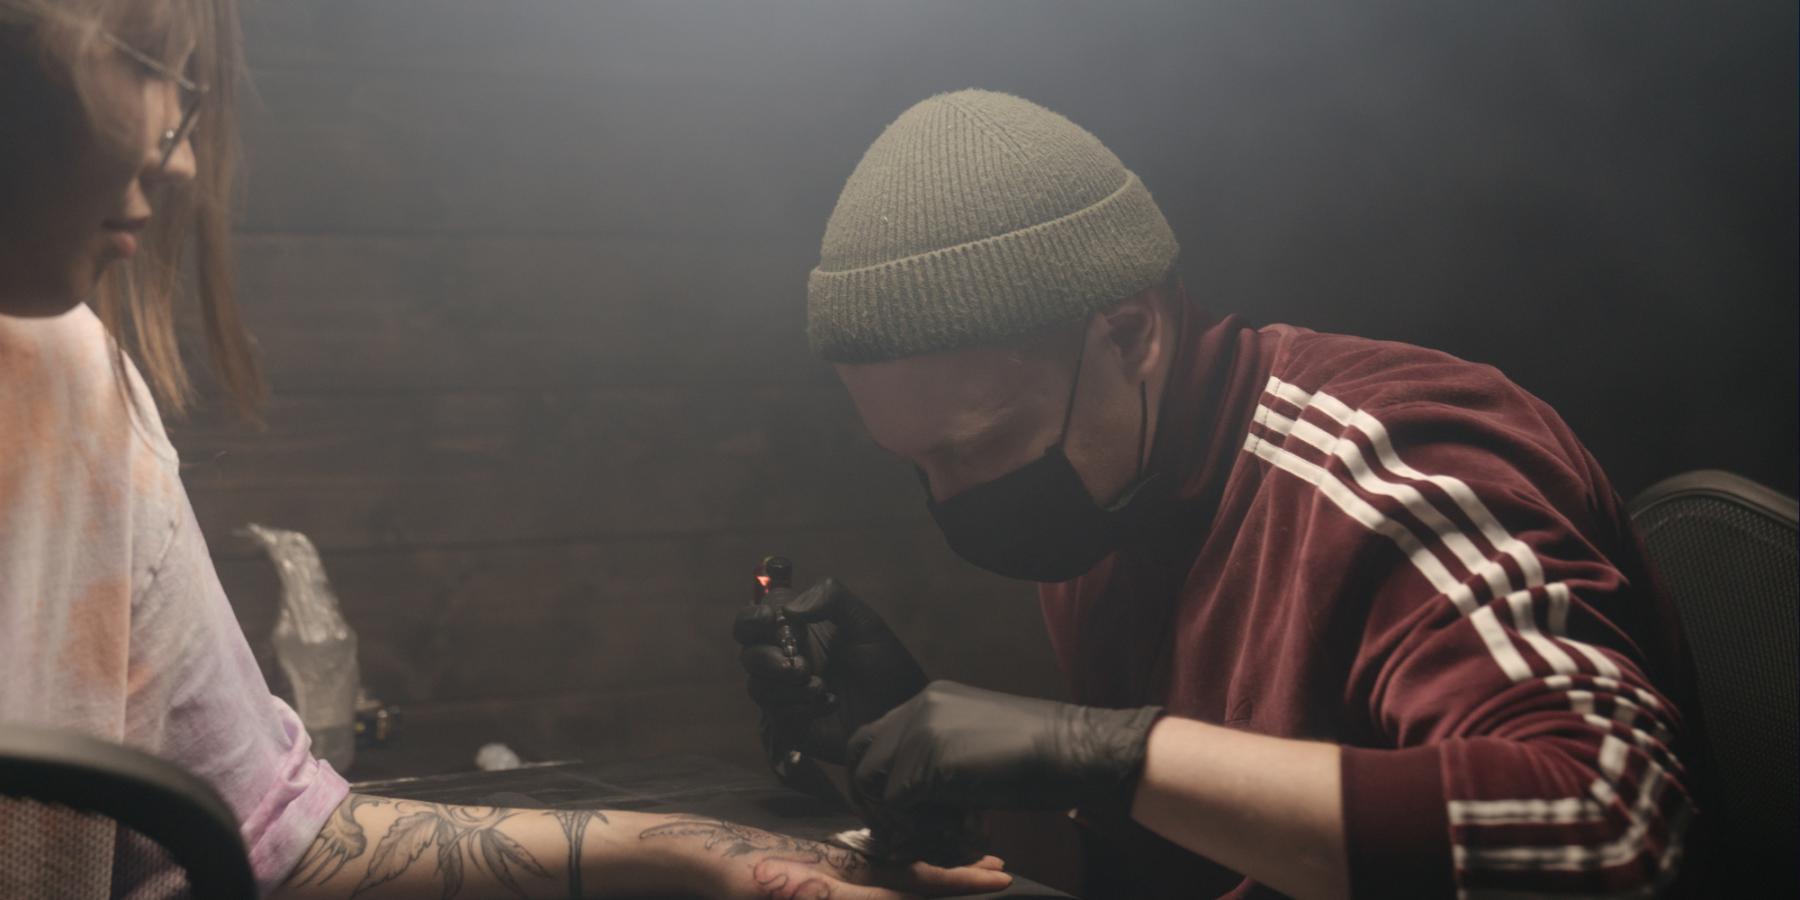 Wdwa miesiące przyciągnęli 1500 użytkowników. TattooArtist tworzy marketplace dla tatuatorów